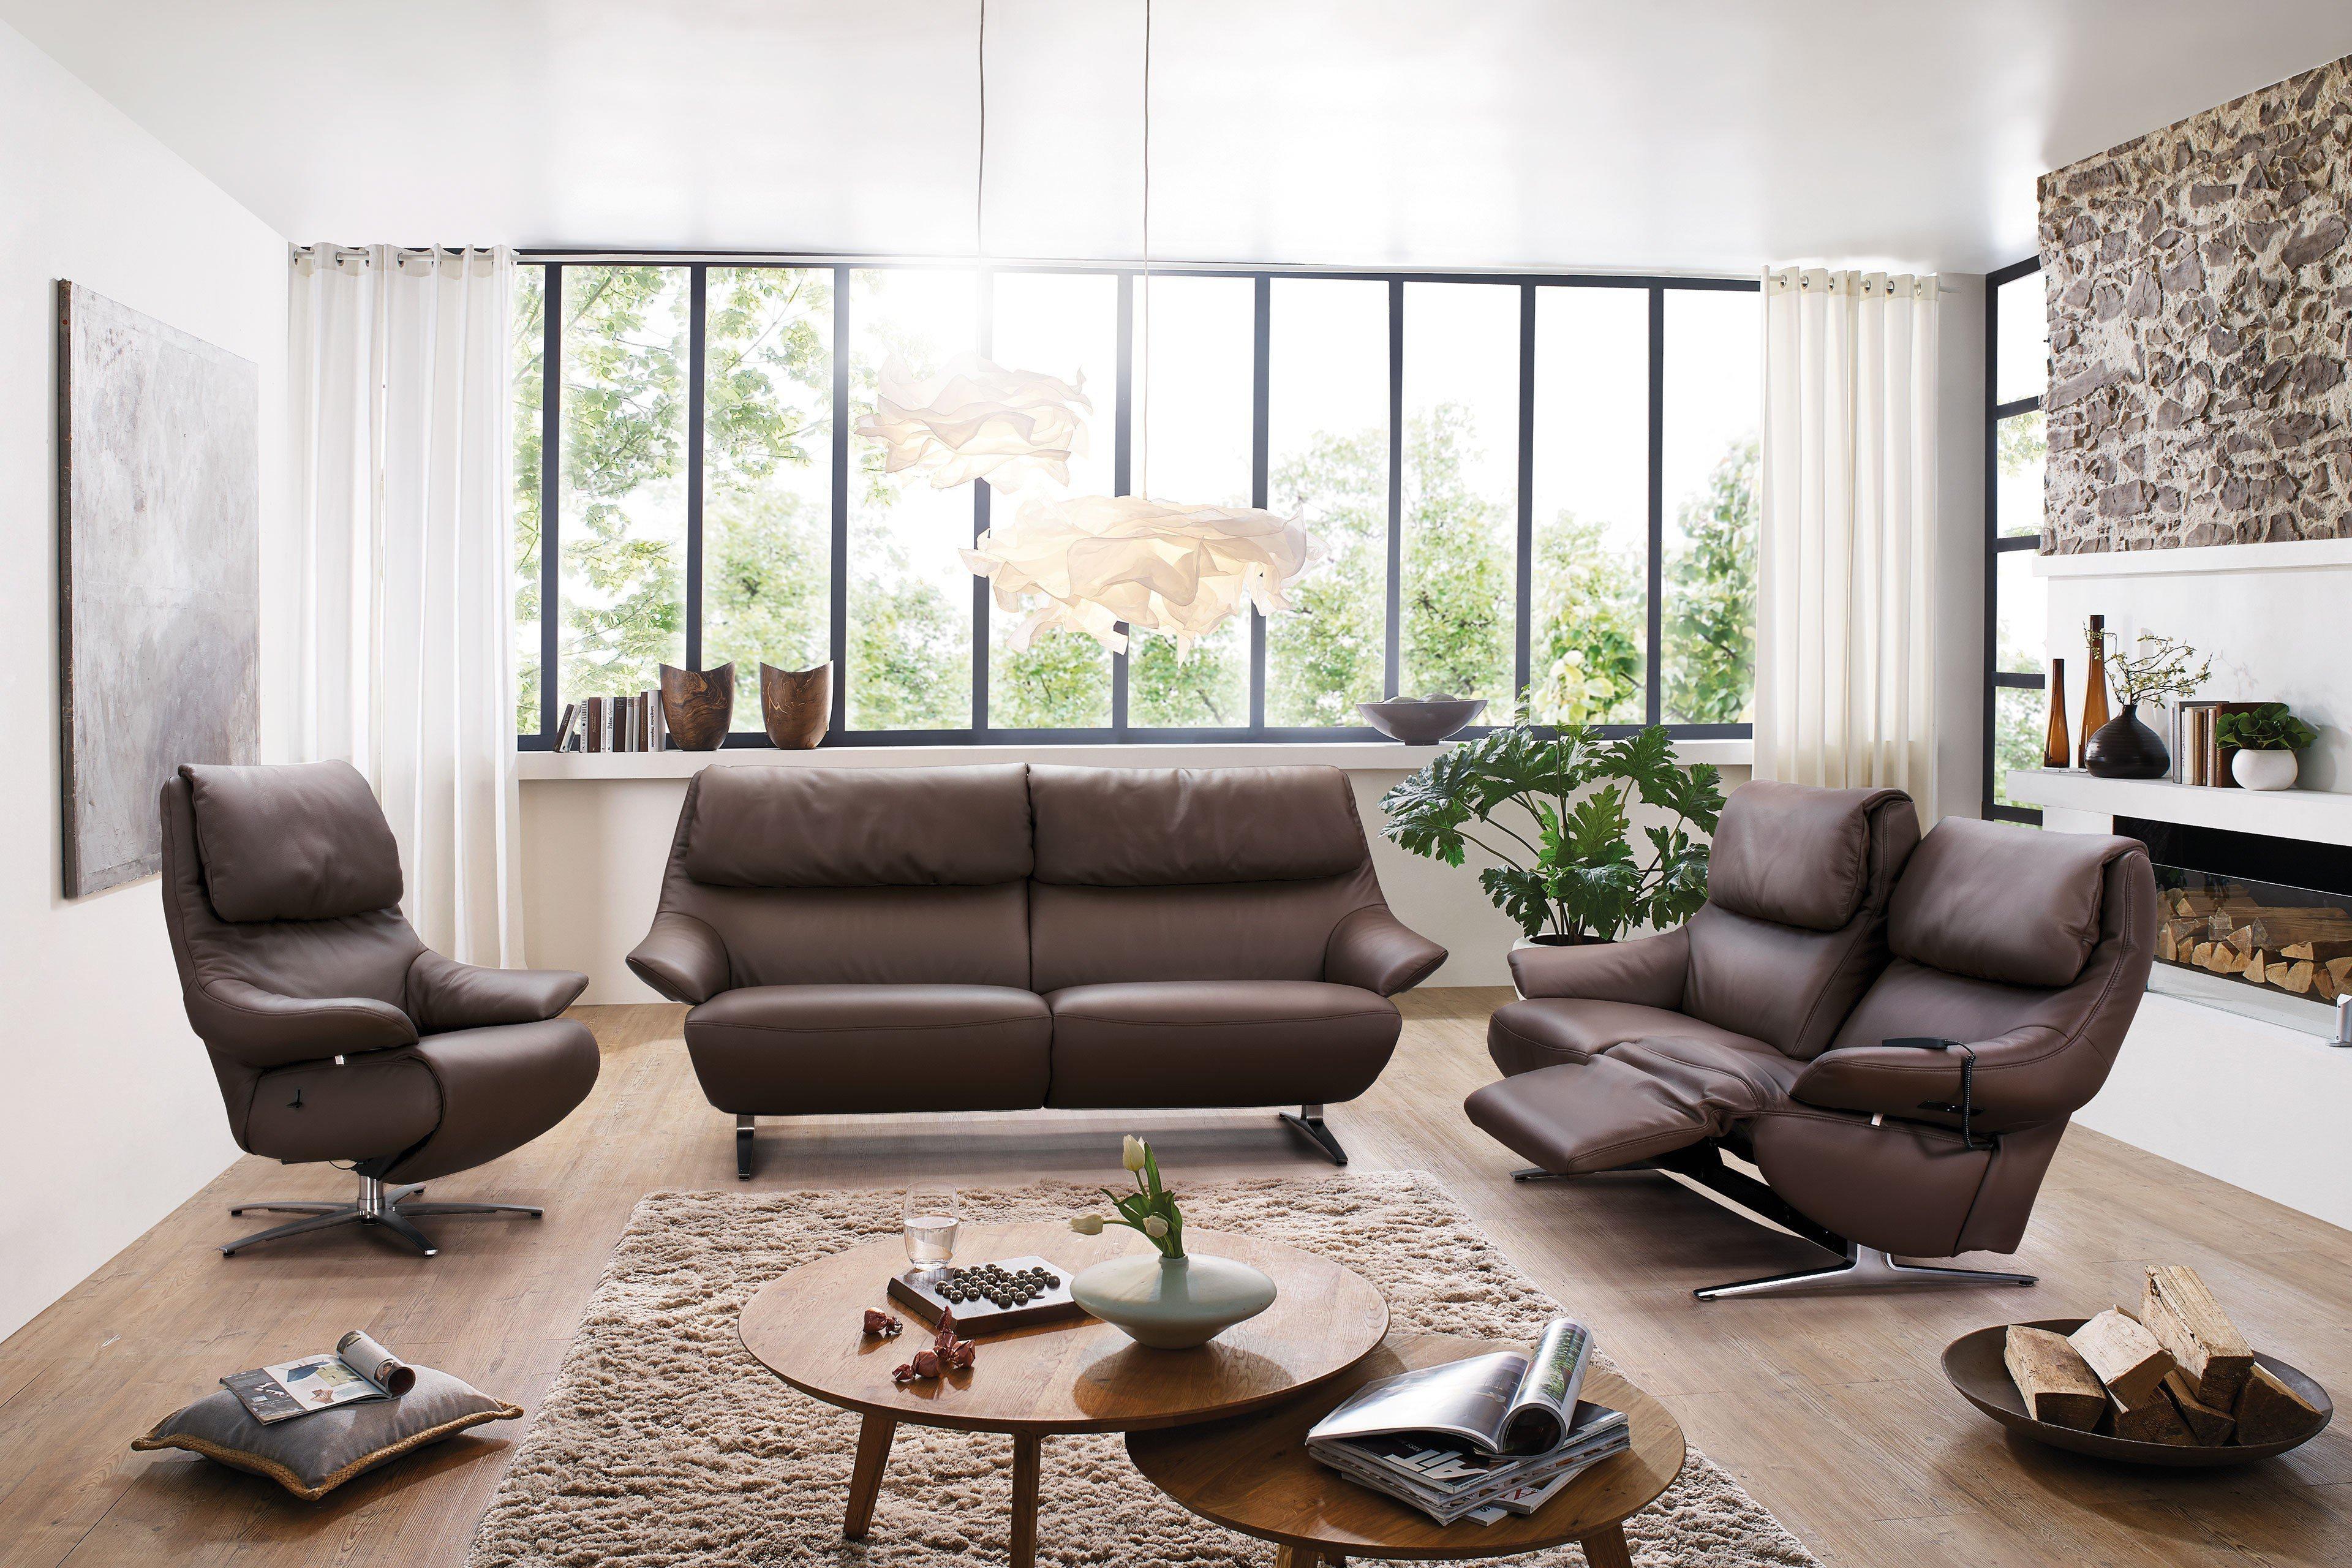 himolla polsterm bel 4602 polstergarnitur braun m bel. Black Bedroom Furniture Sets. Home Design Ideas